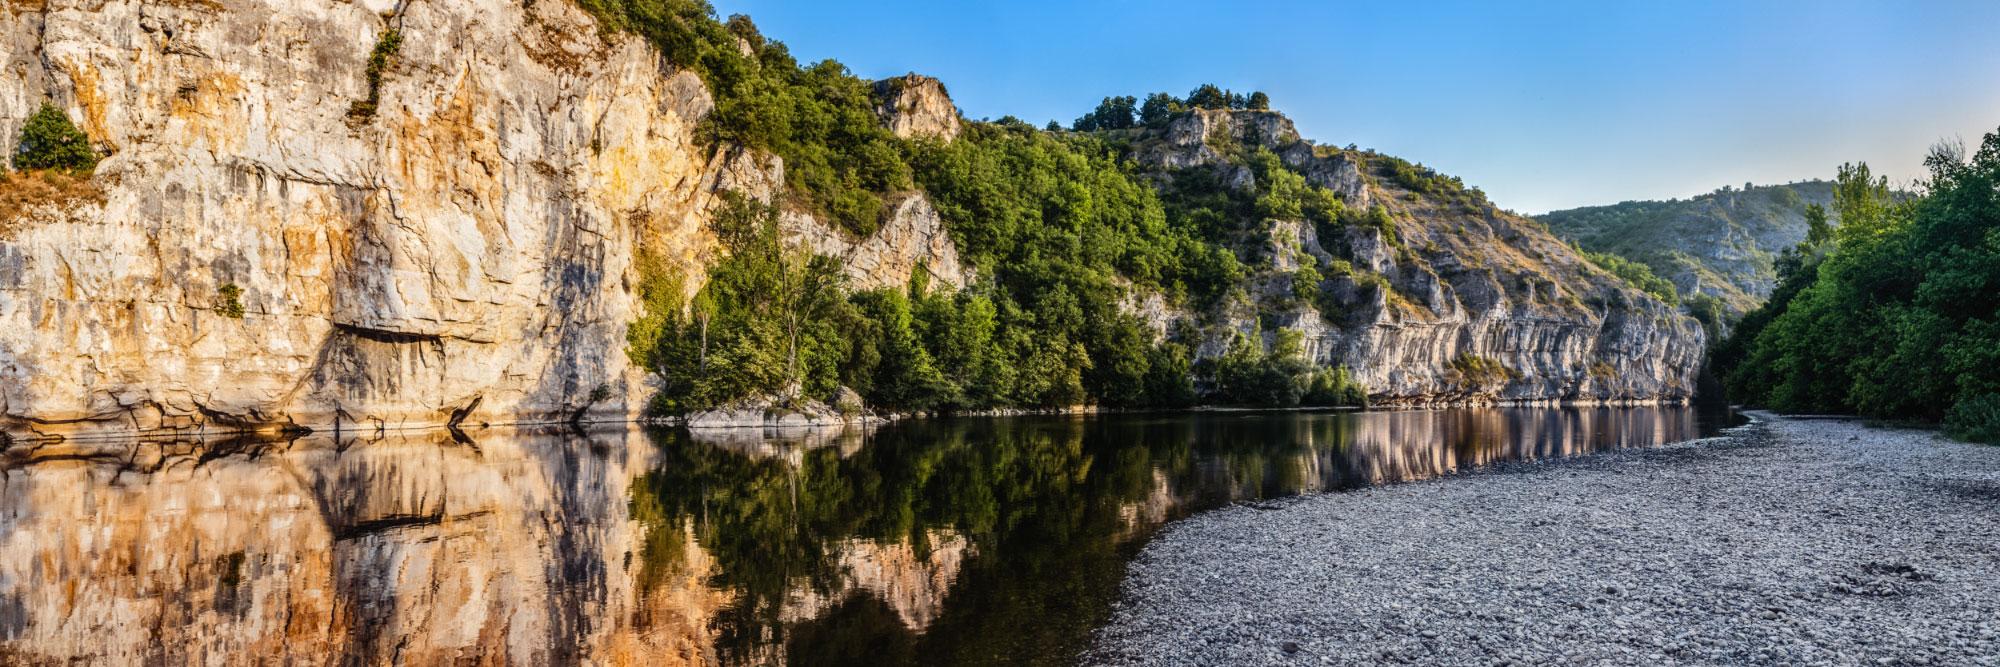 La Dordogne sous le Pech de Pinsac